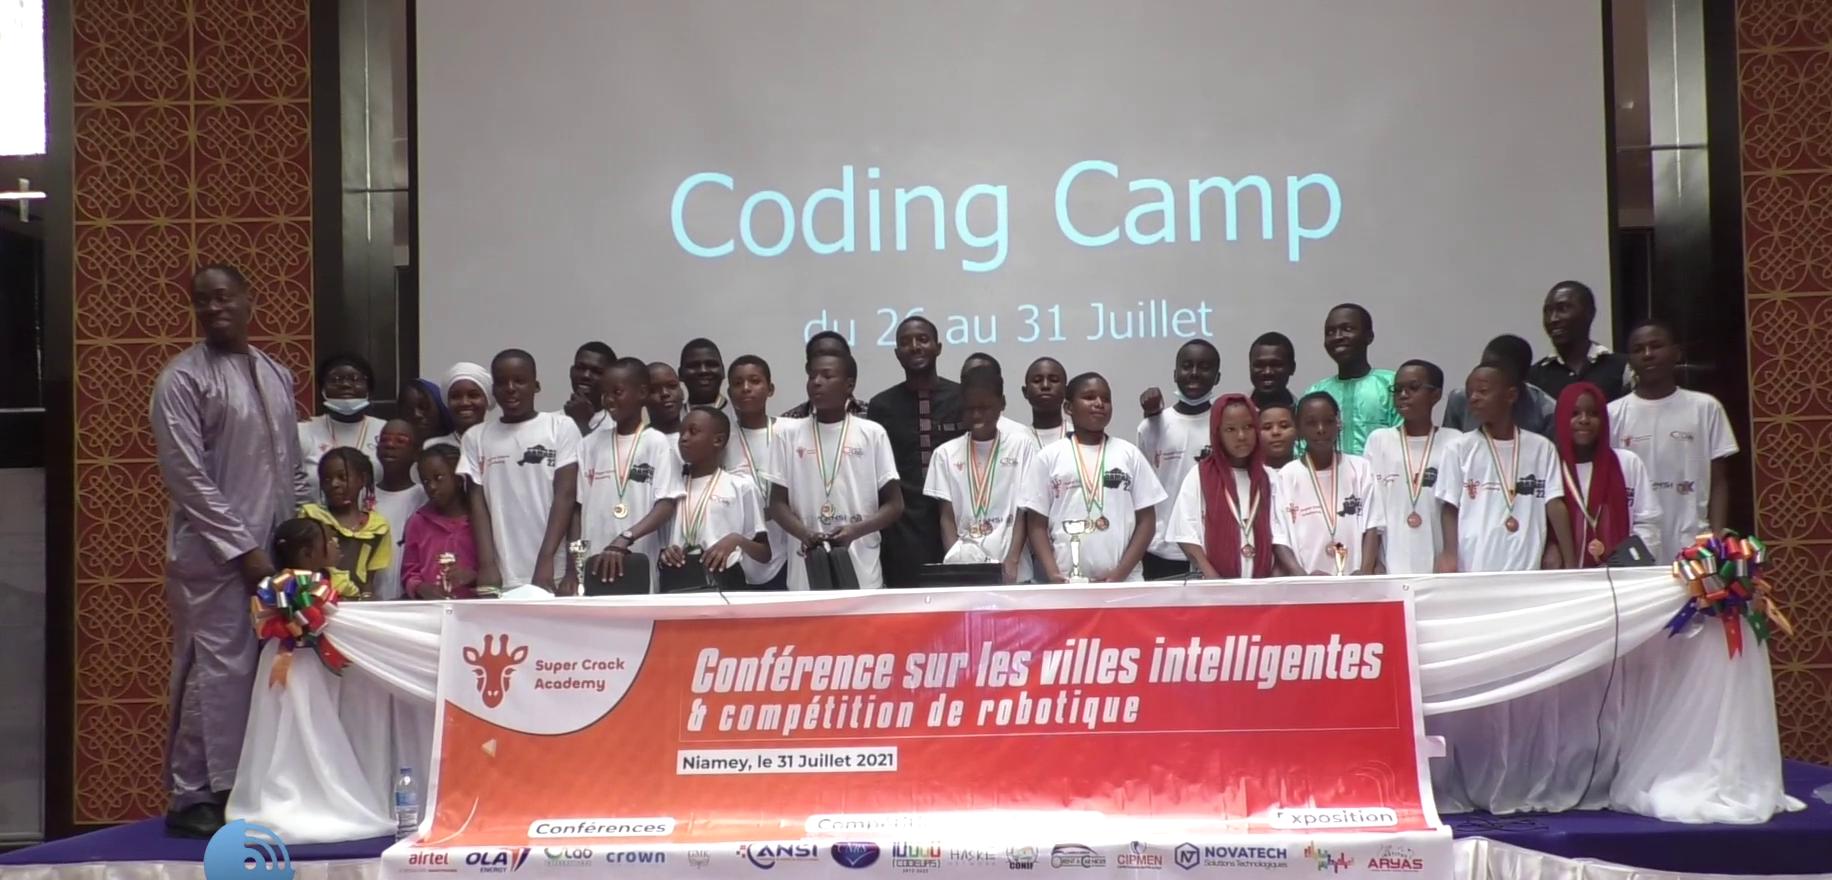 Super Crack Academy : 4ème édition du Coding Camp